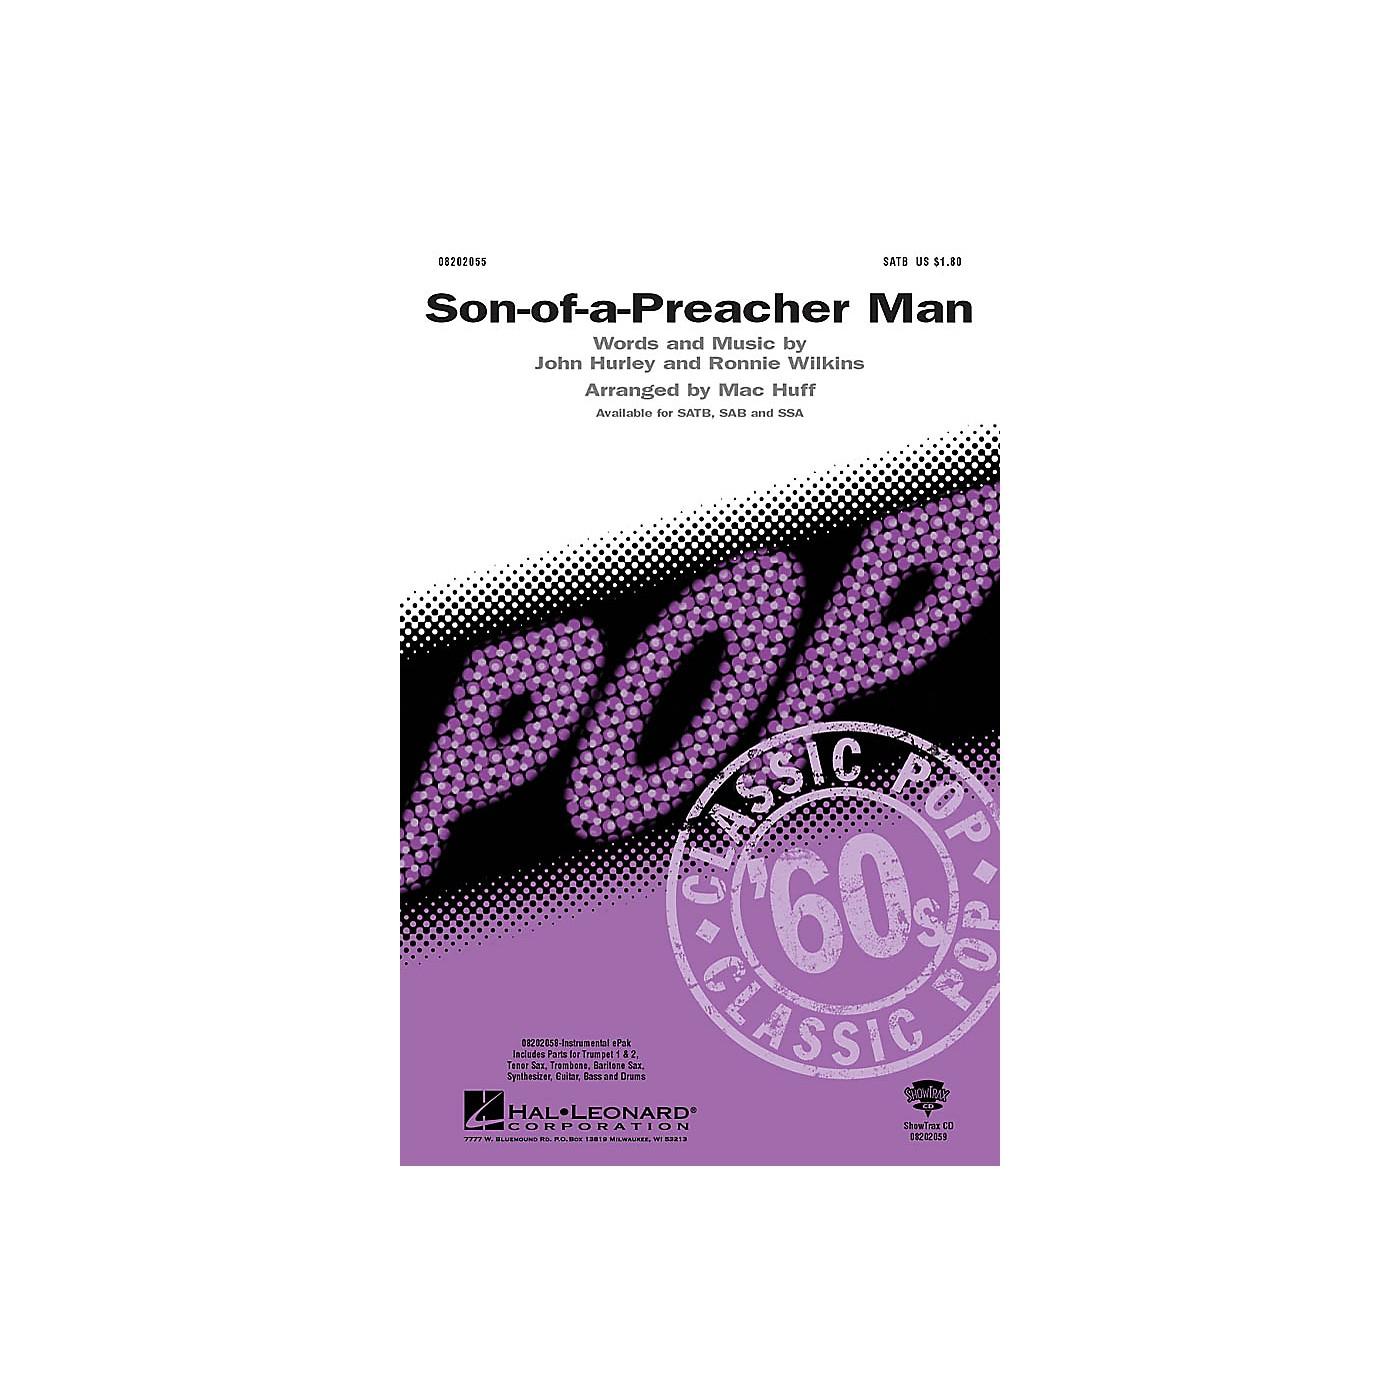 Hal Leonard Son-of-a-Preacher Man SAB Arranged by Mac Huff thumbnail